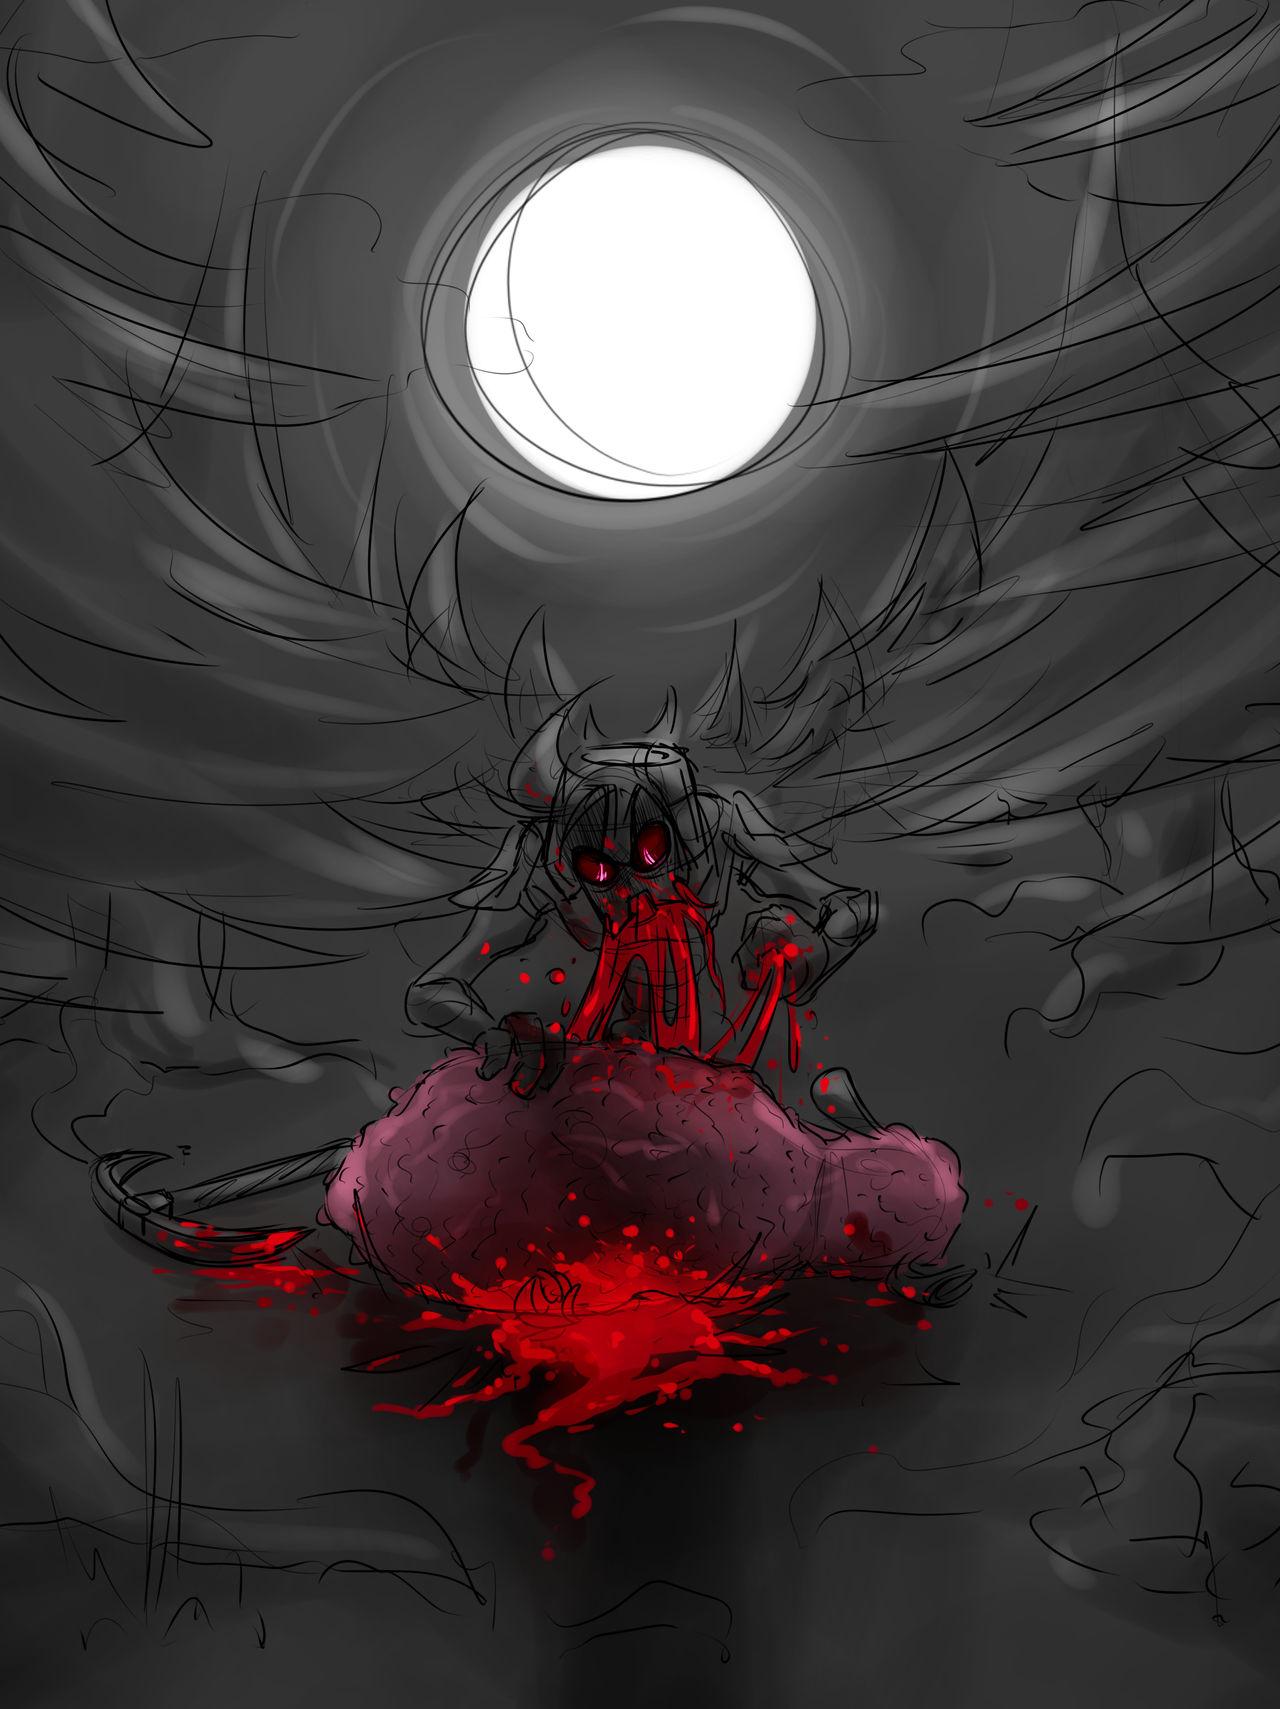 Hunger [warning: blood]